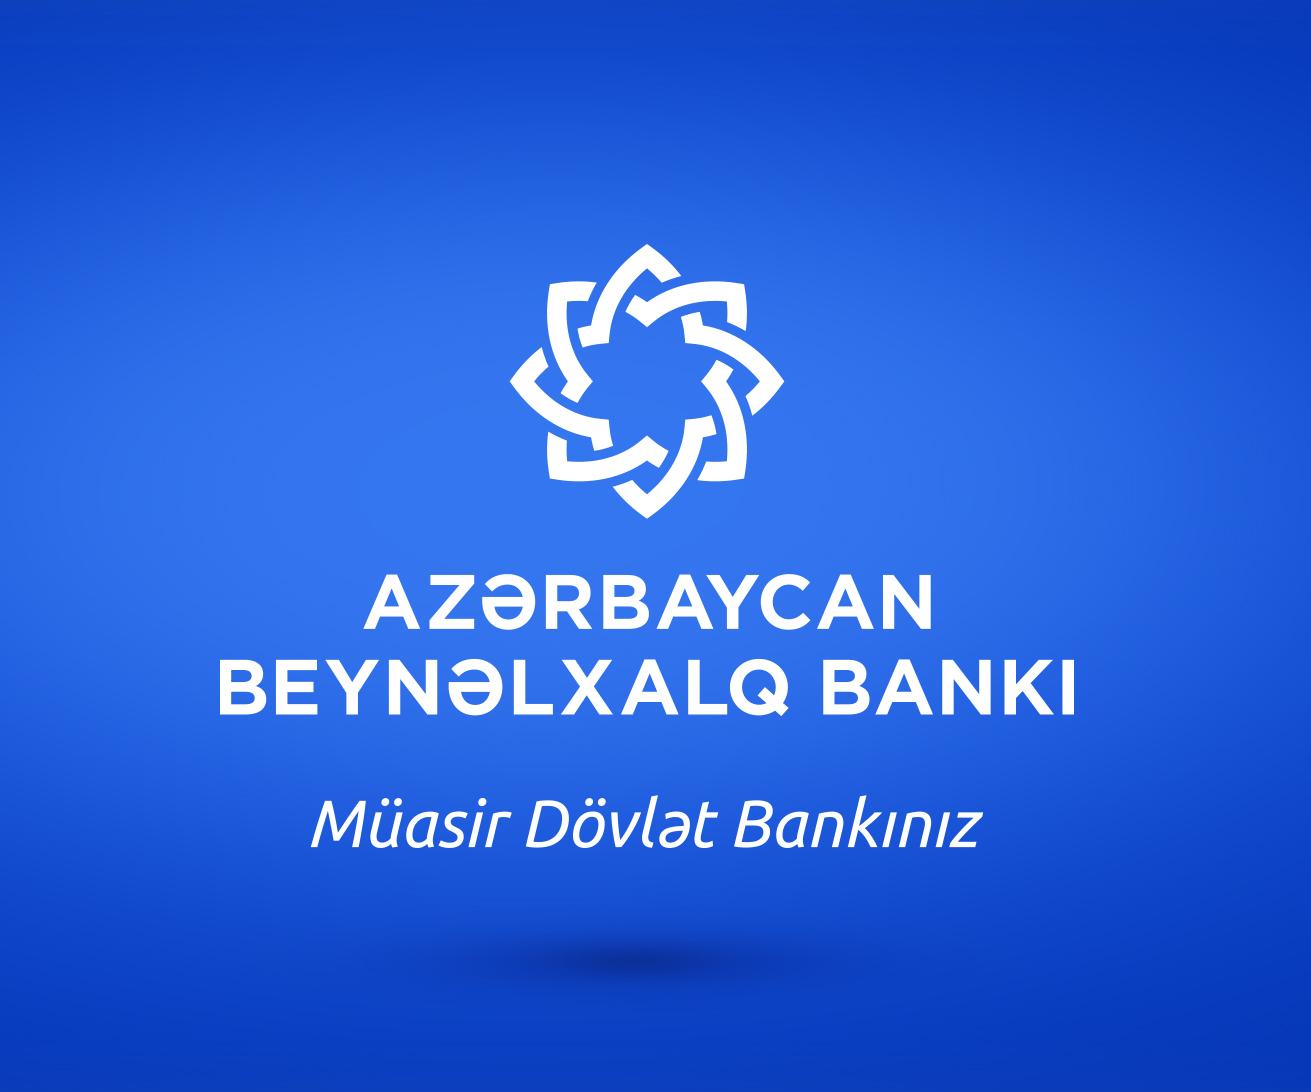 Beynəlxalq Bankın restrukturizasiya planı yerli məhkəmə tərəfindən təsdiqlənib